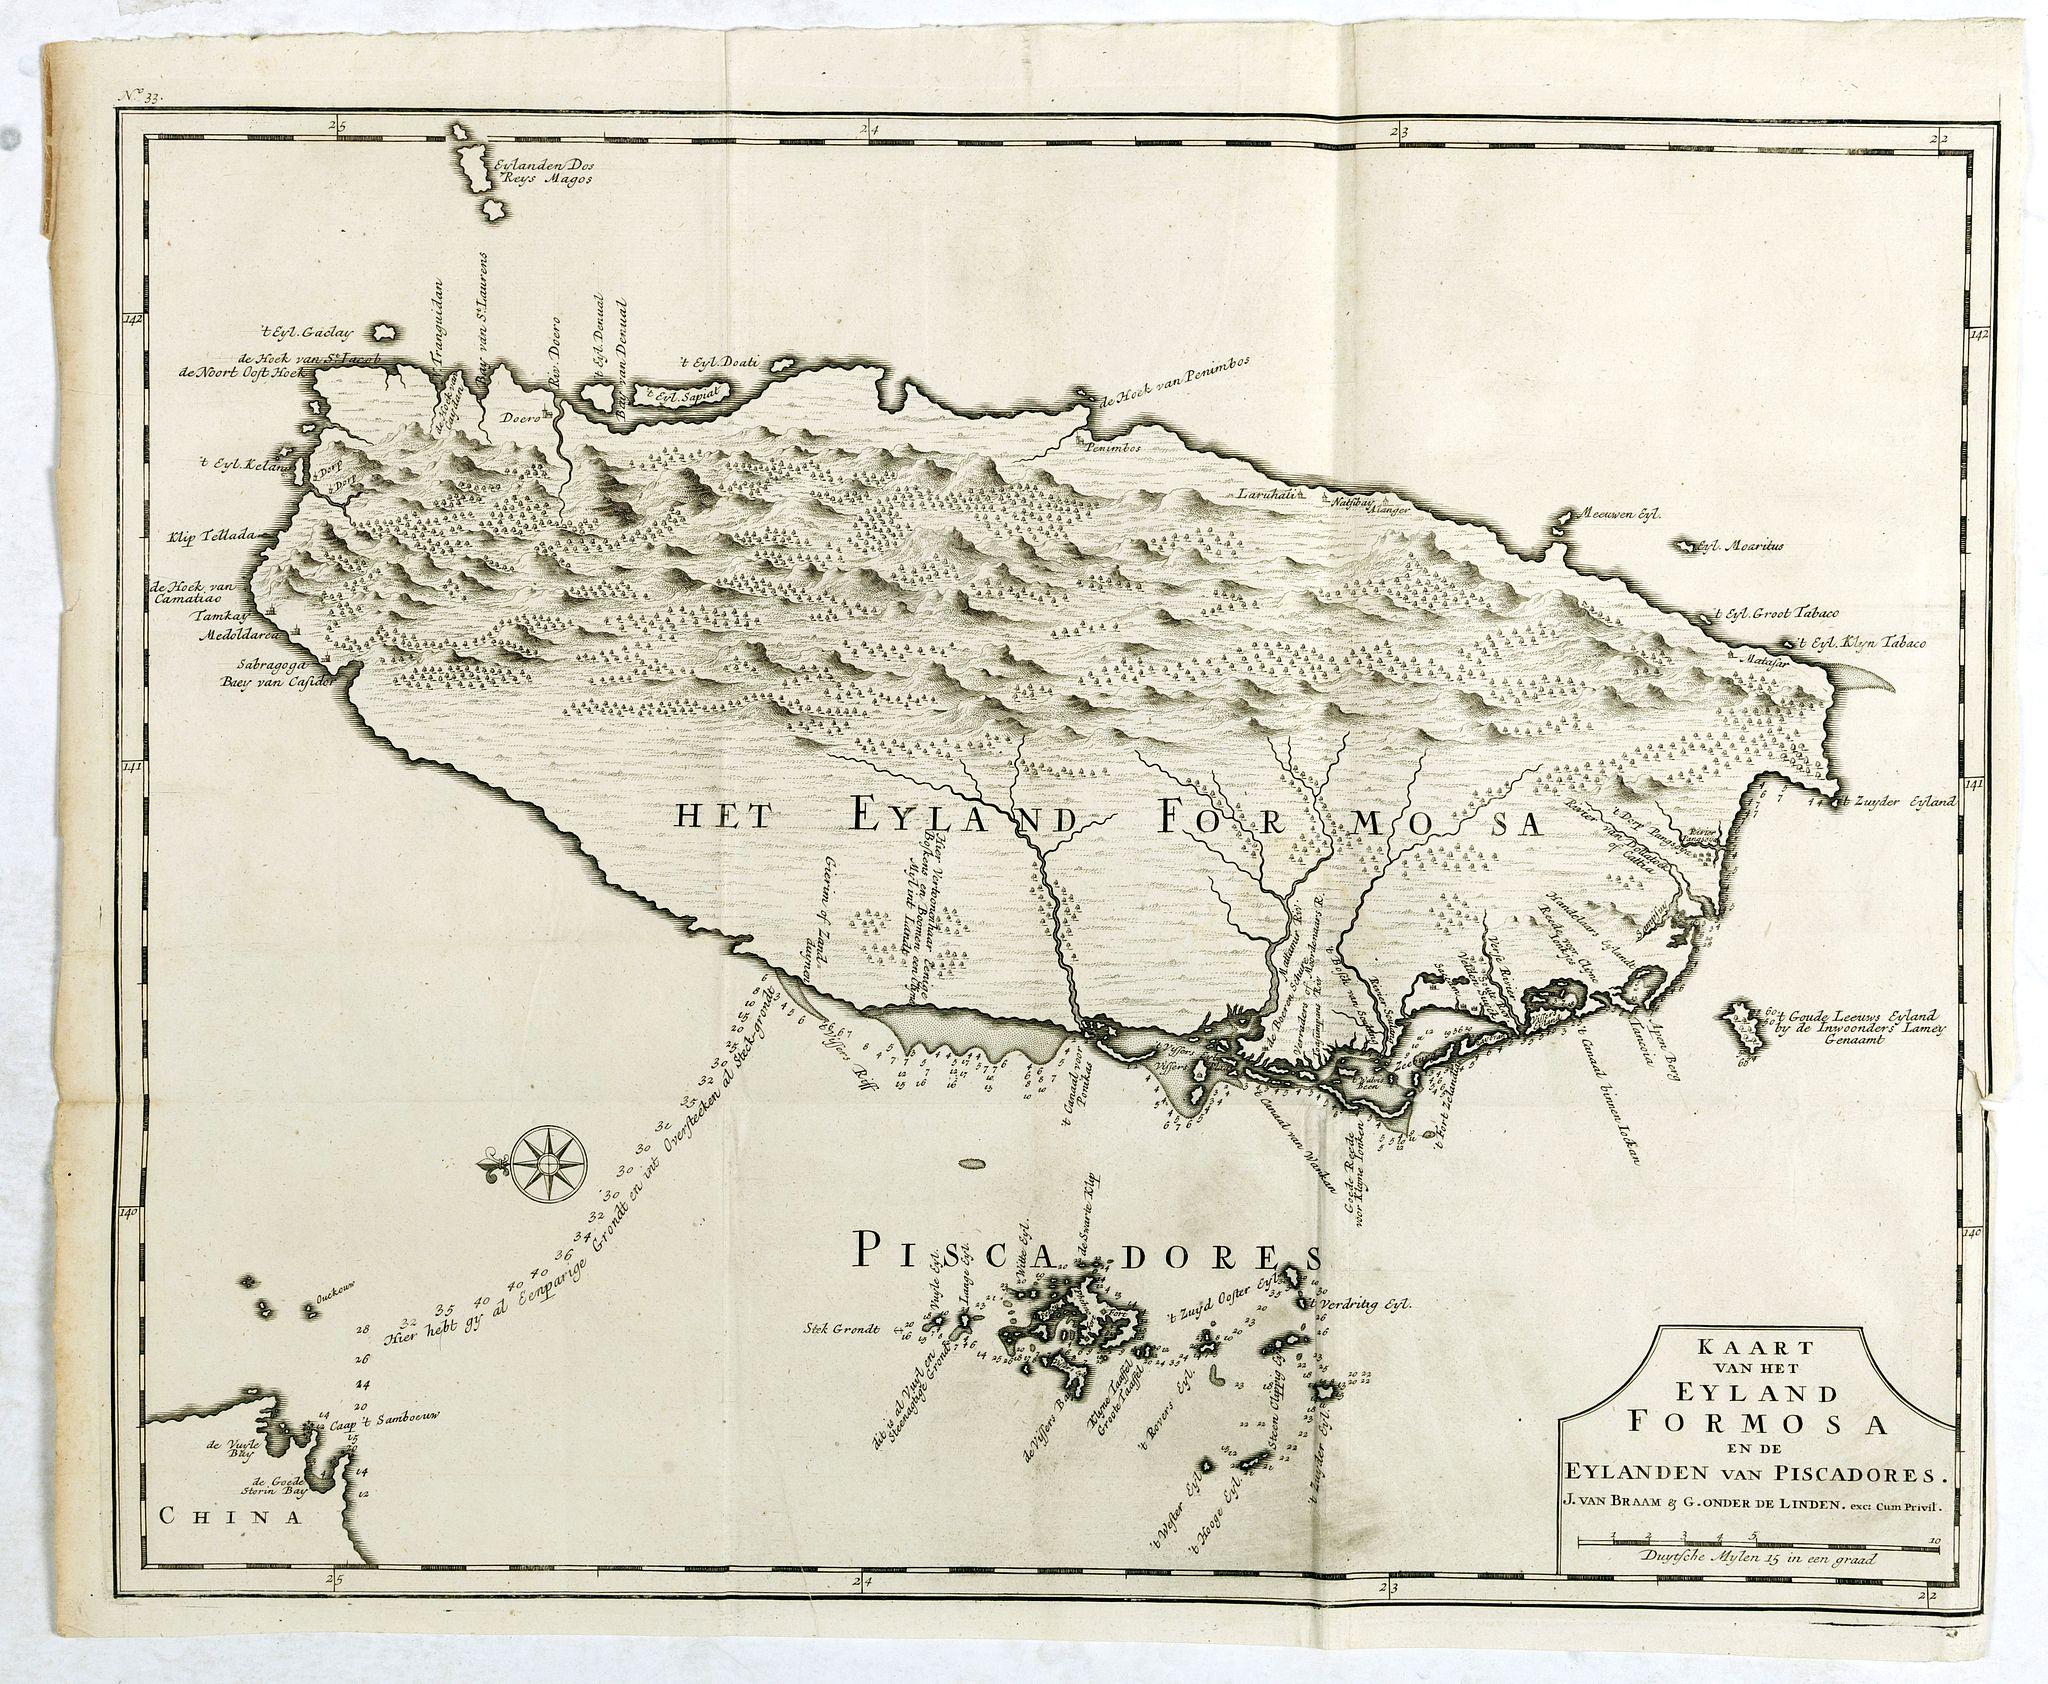 VALENTIJN, F. -  Kaart van het Eyland Formosa en de Eylanden van Piscadores.